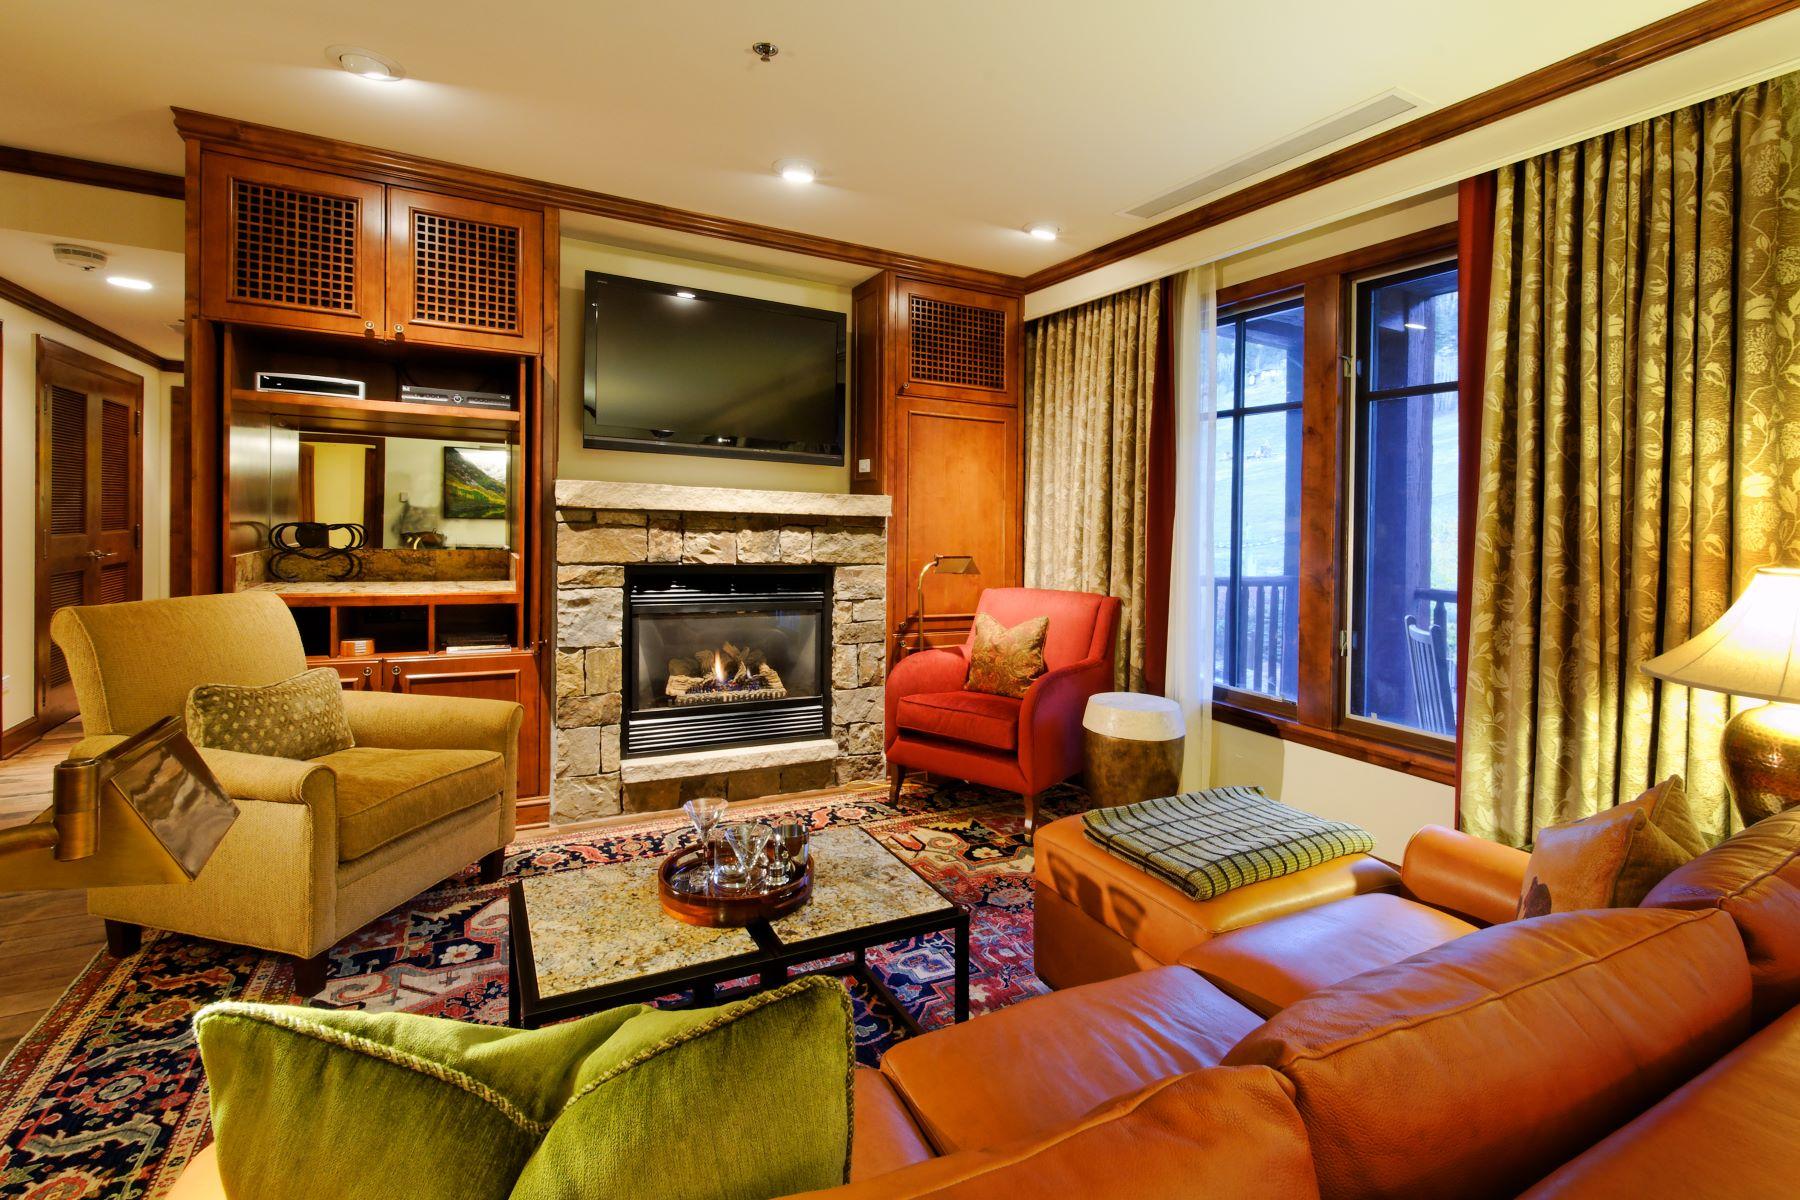 Долевое владение для того Продажа на Ritz Carlton Club Aspen Highlands - Summer Interest #9 0197 Prospector Road Unit #2409 Membership Interest #9, Aspen, Колорадо, 8161 Соединенные Штаты